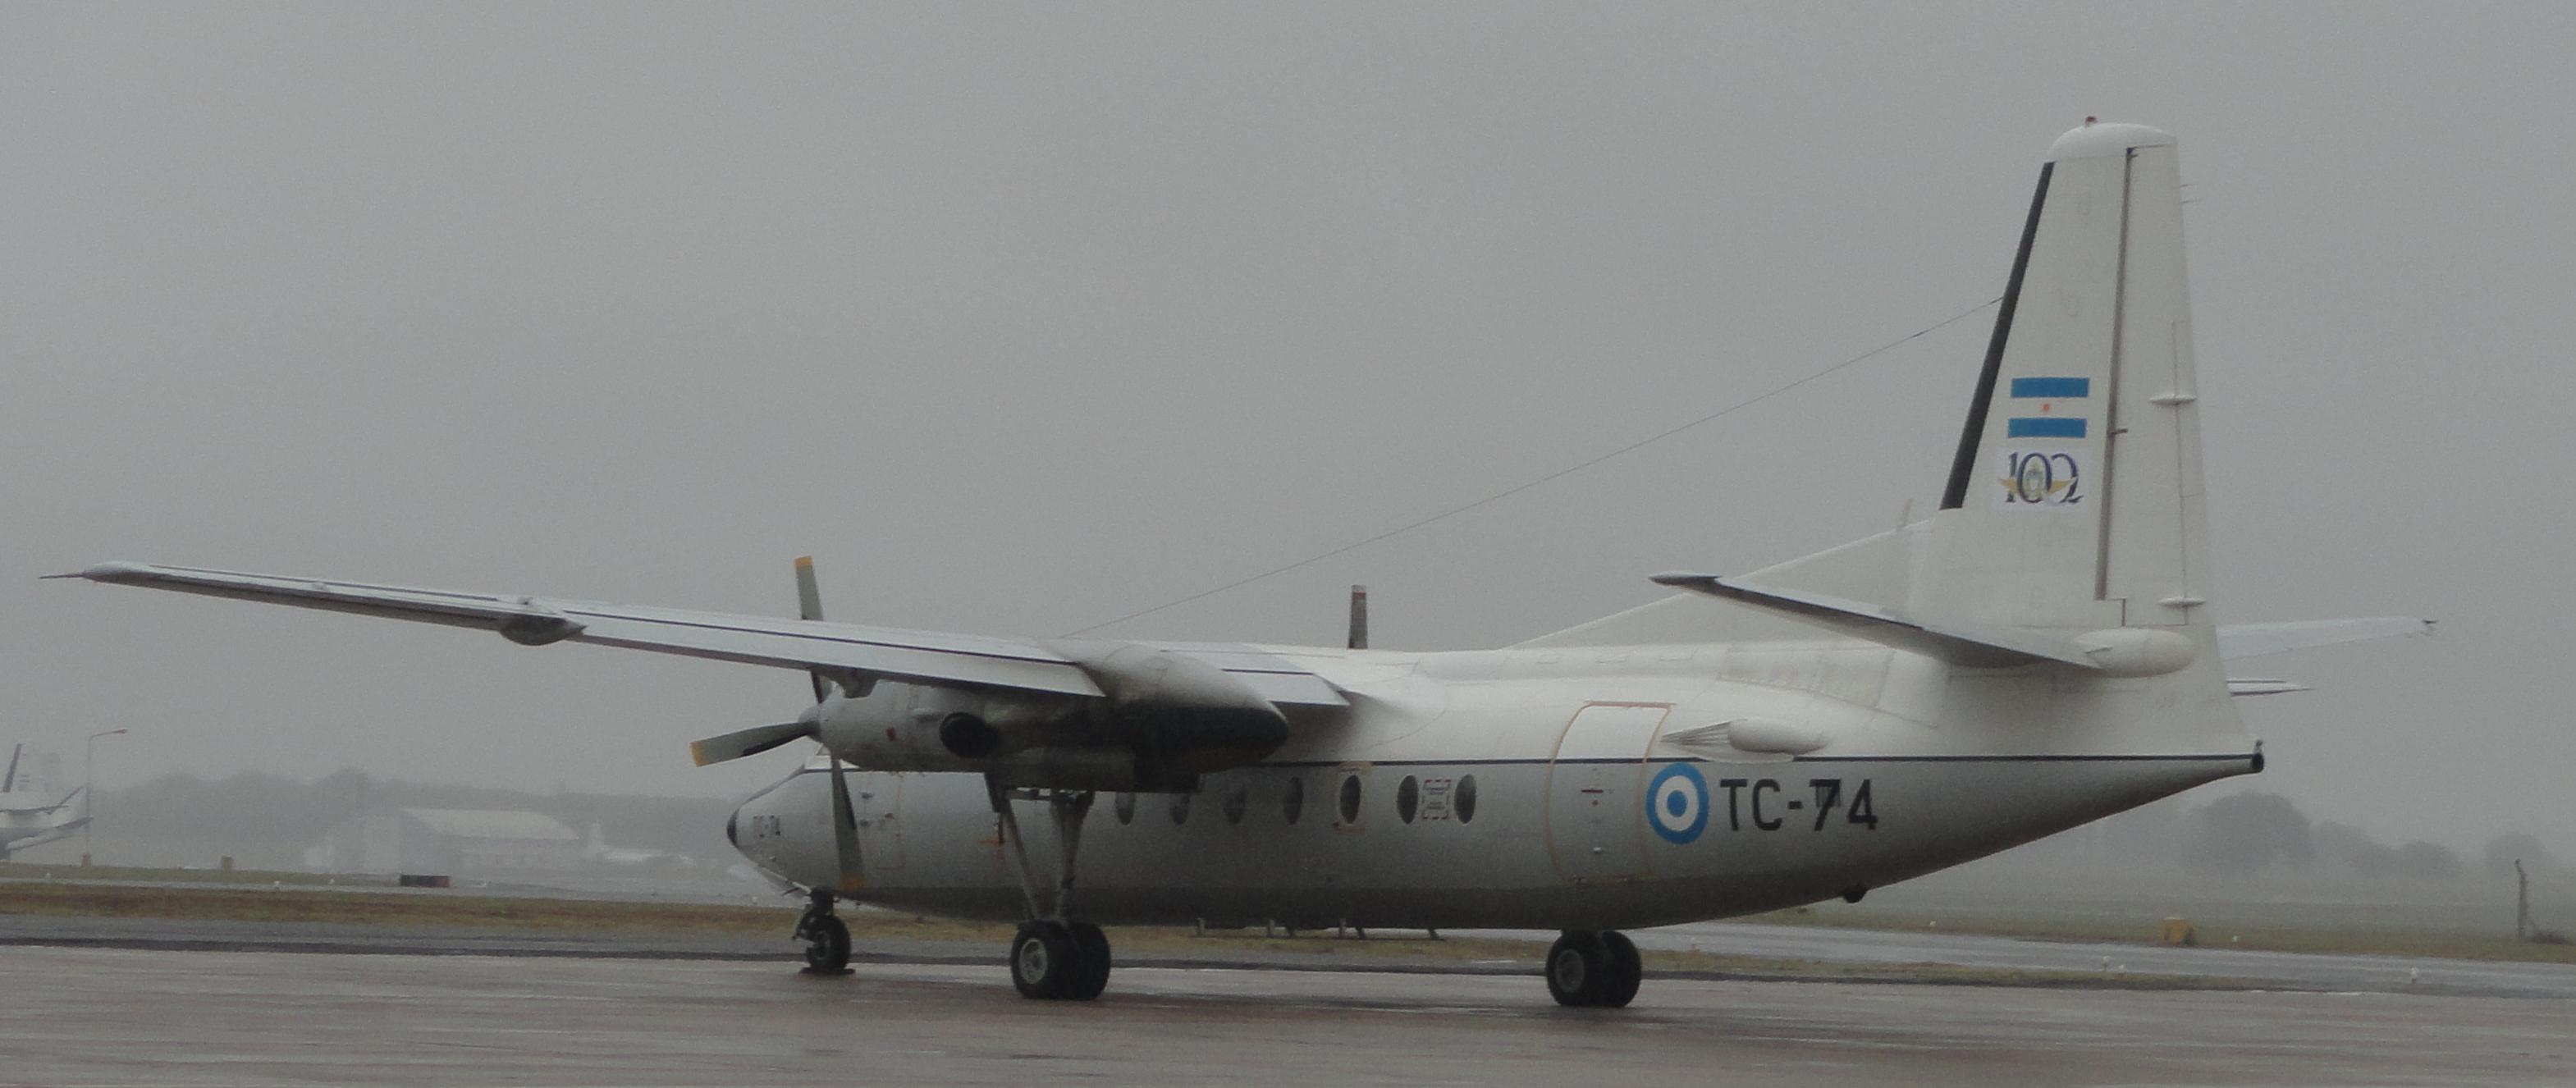 Fokker F-27  TC-74 6F62C097D